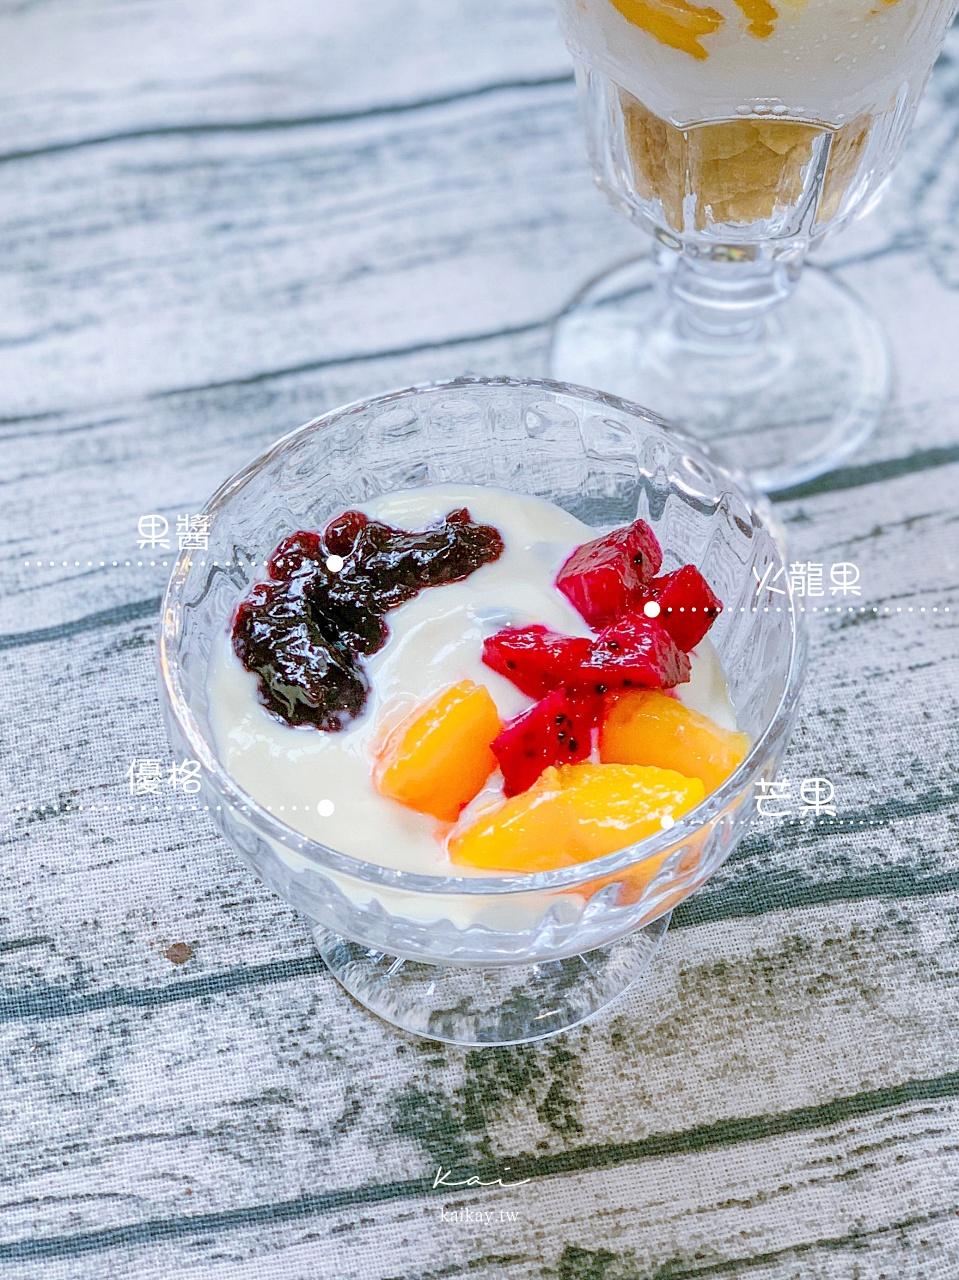 ☆【凱姐上菜】超簡單的2種DIY彩色水果優格杯食譜 ♡ 好吃又好拍的冰涼下午茶